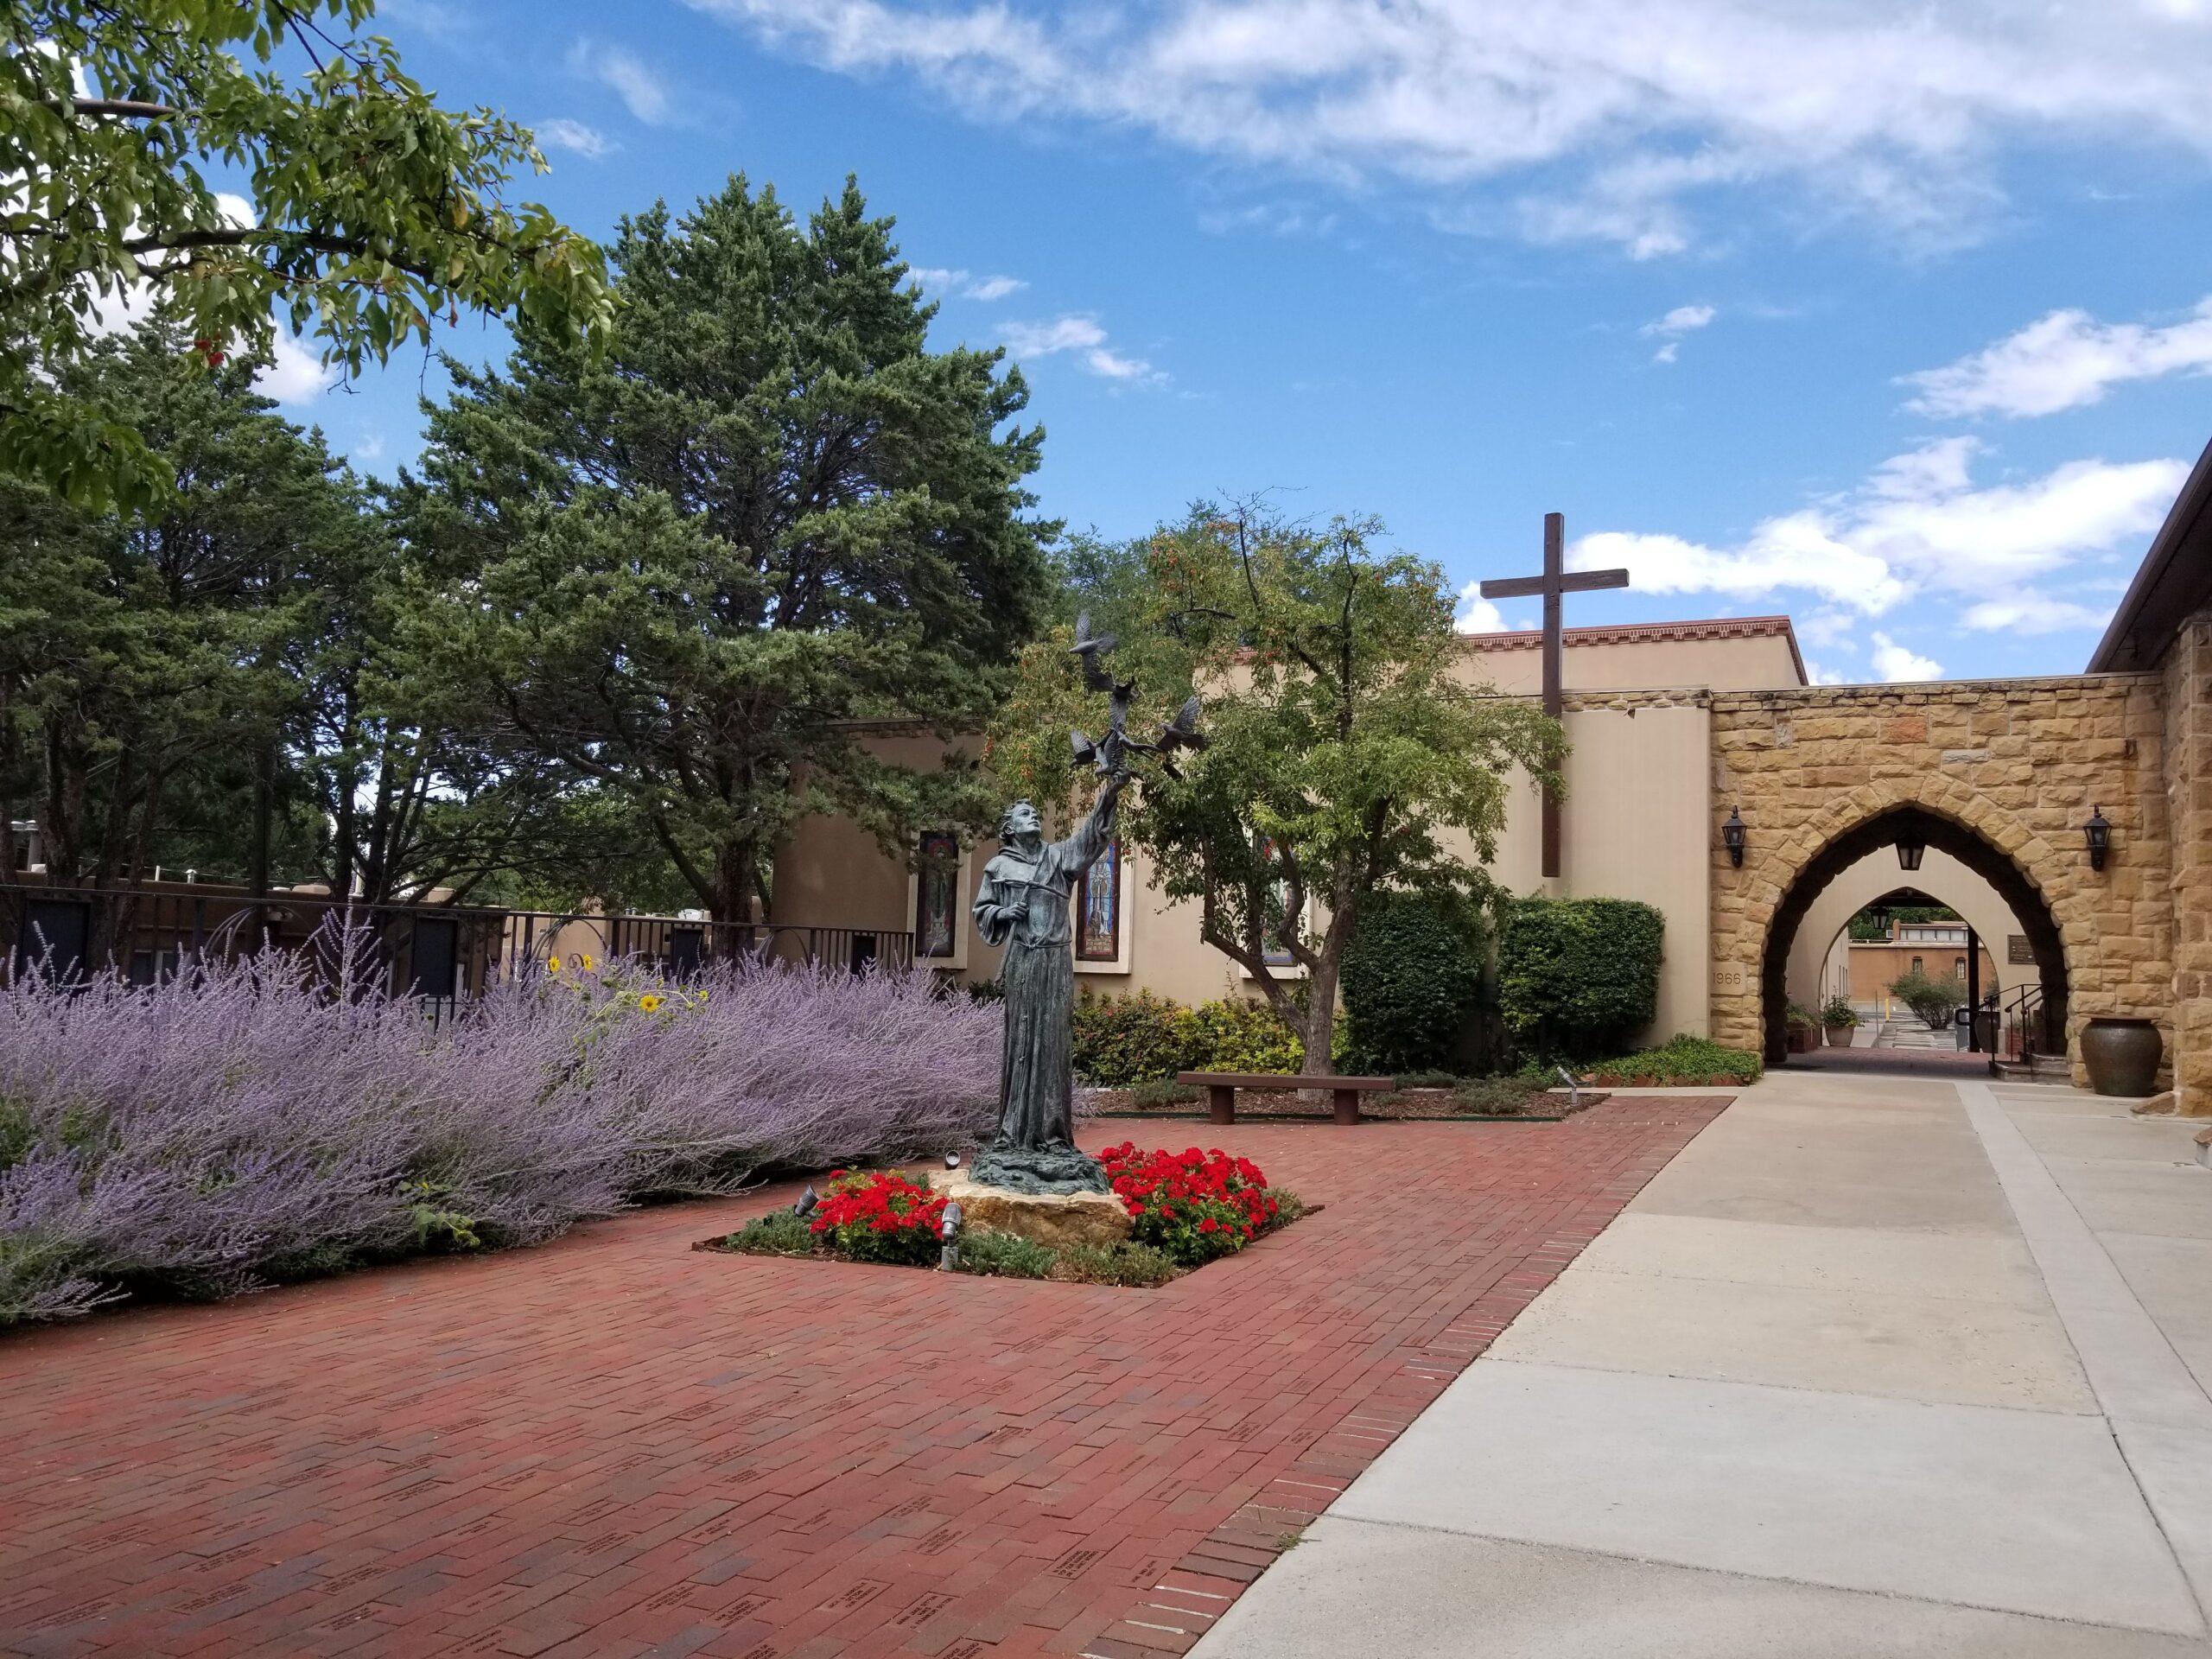 Scenery in Santa Fe